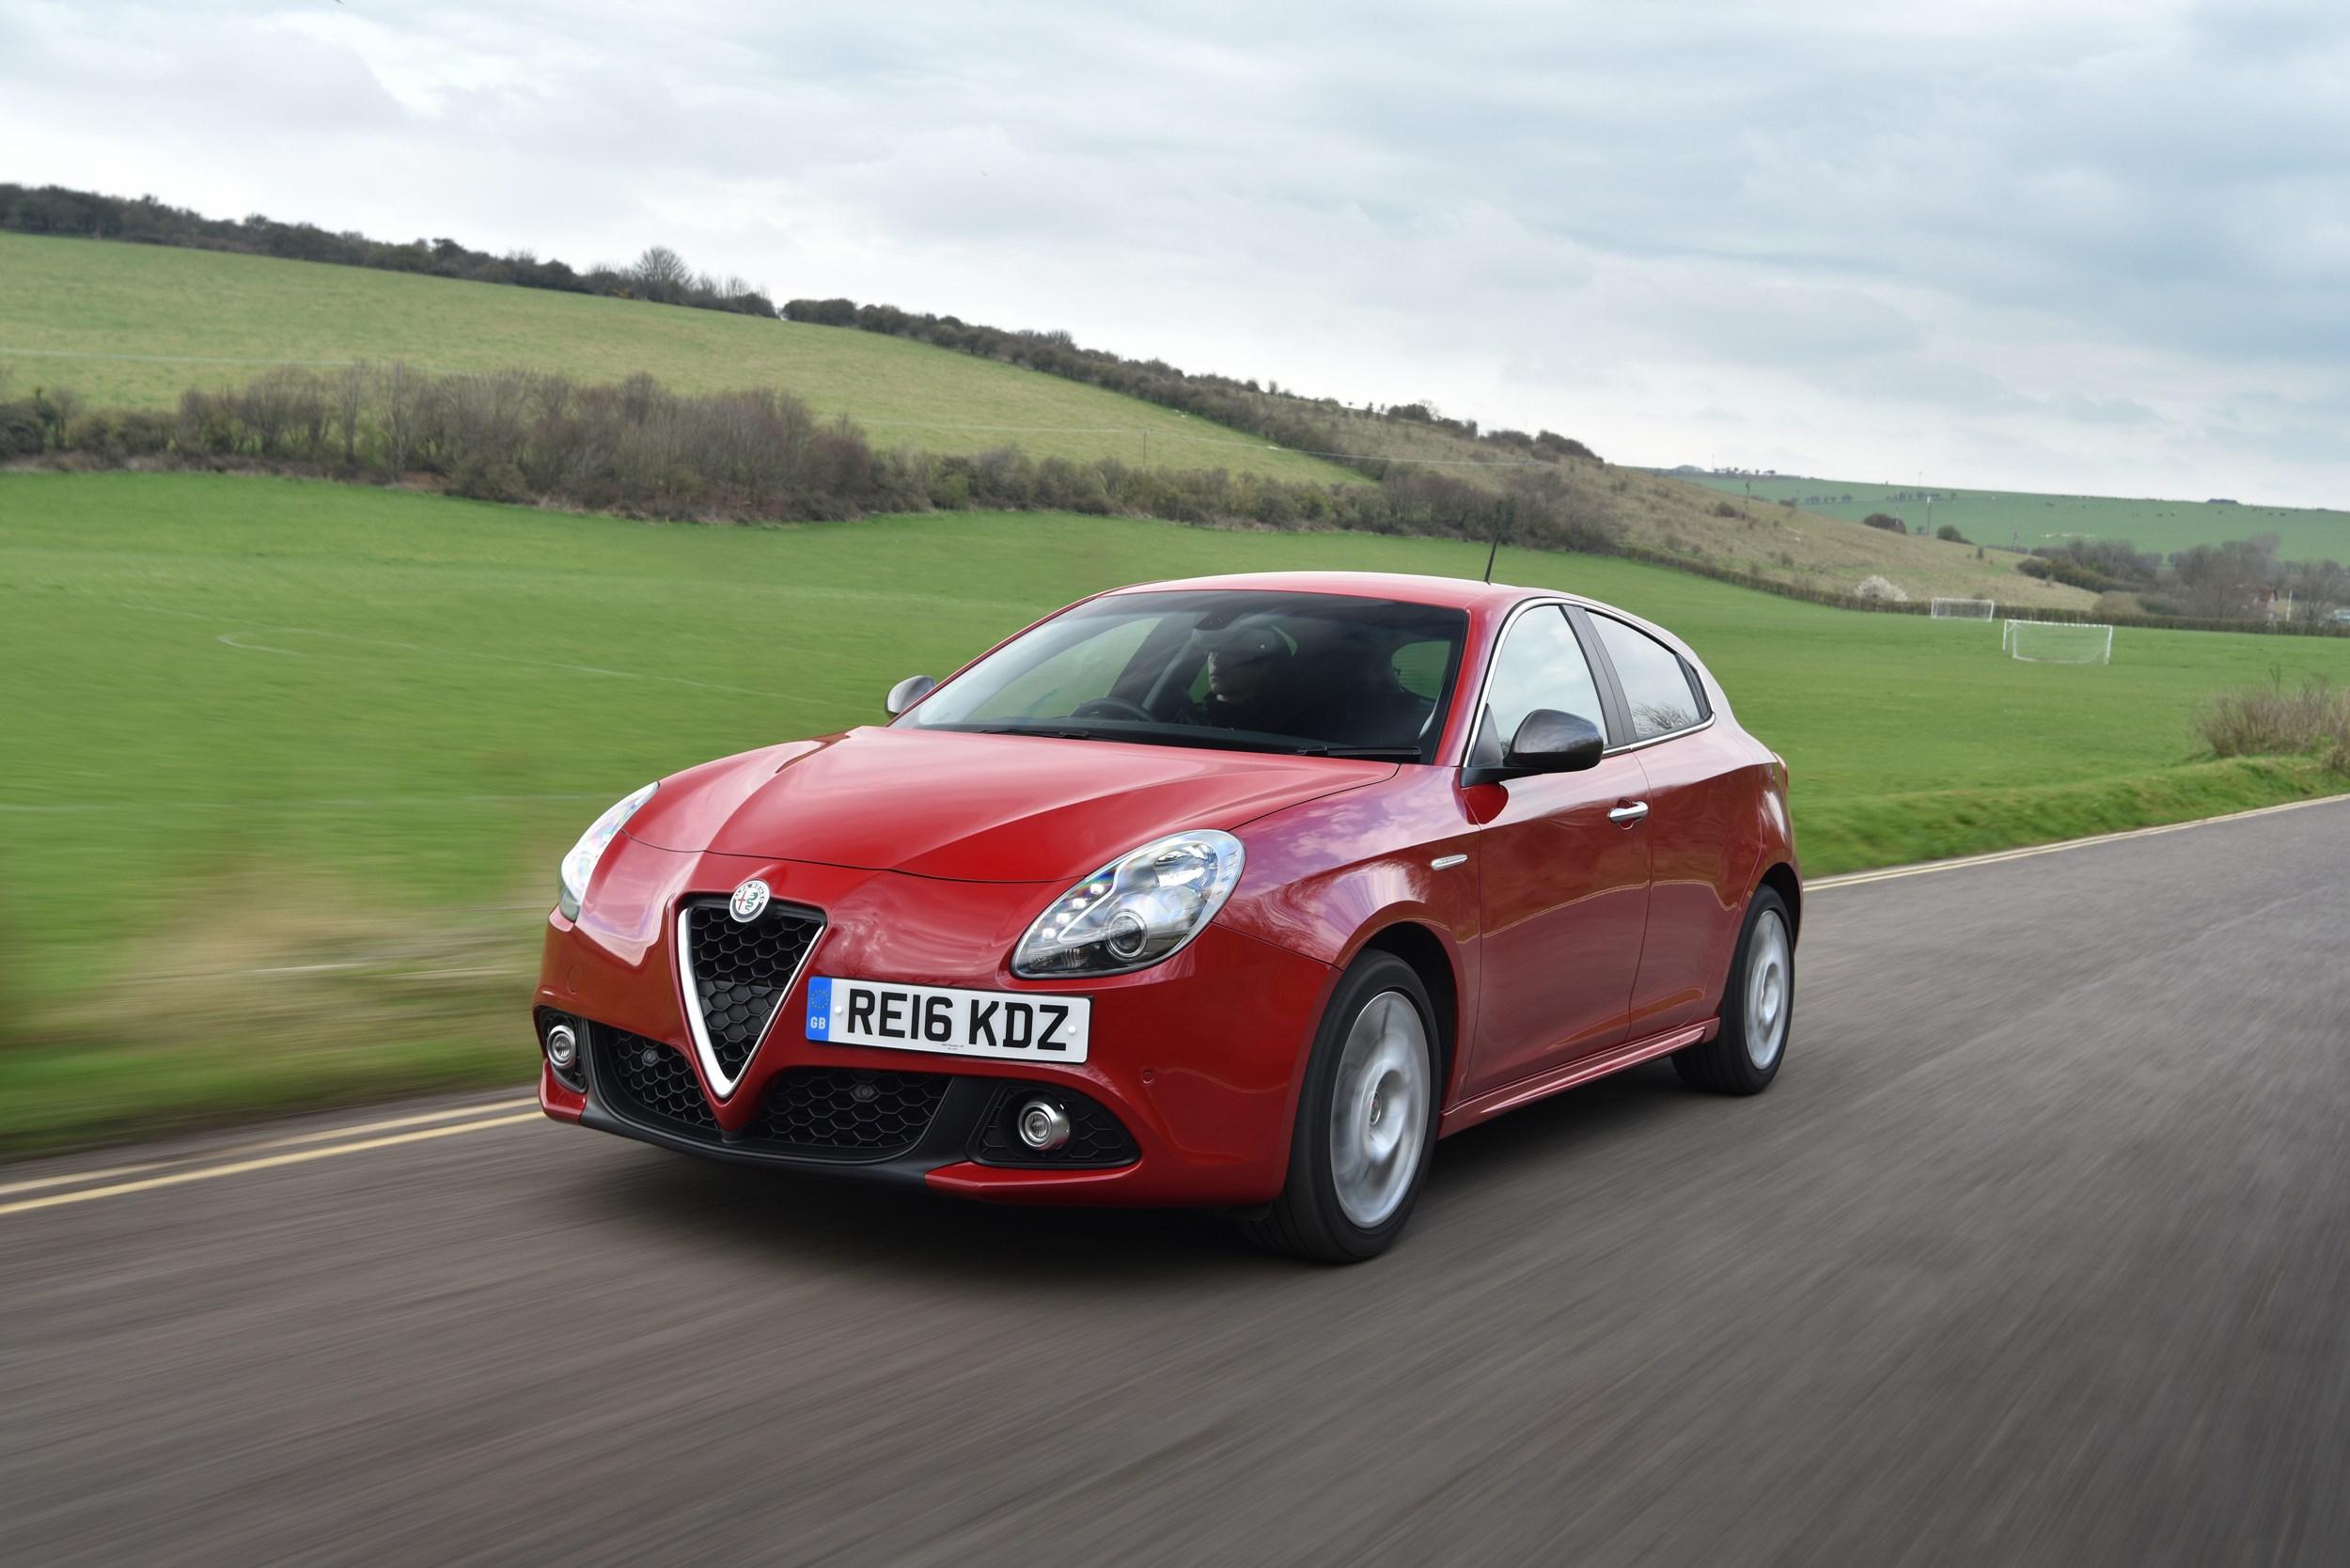 Road test Alfa Romeo Giulietta 1 6 JTDM pany car review